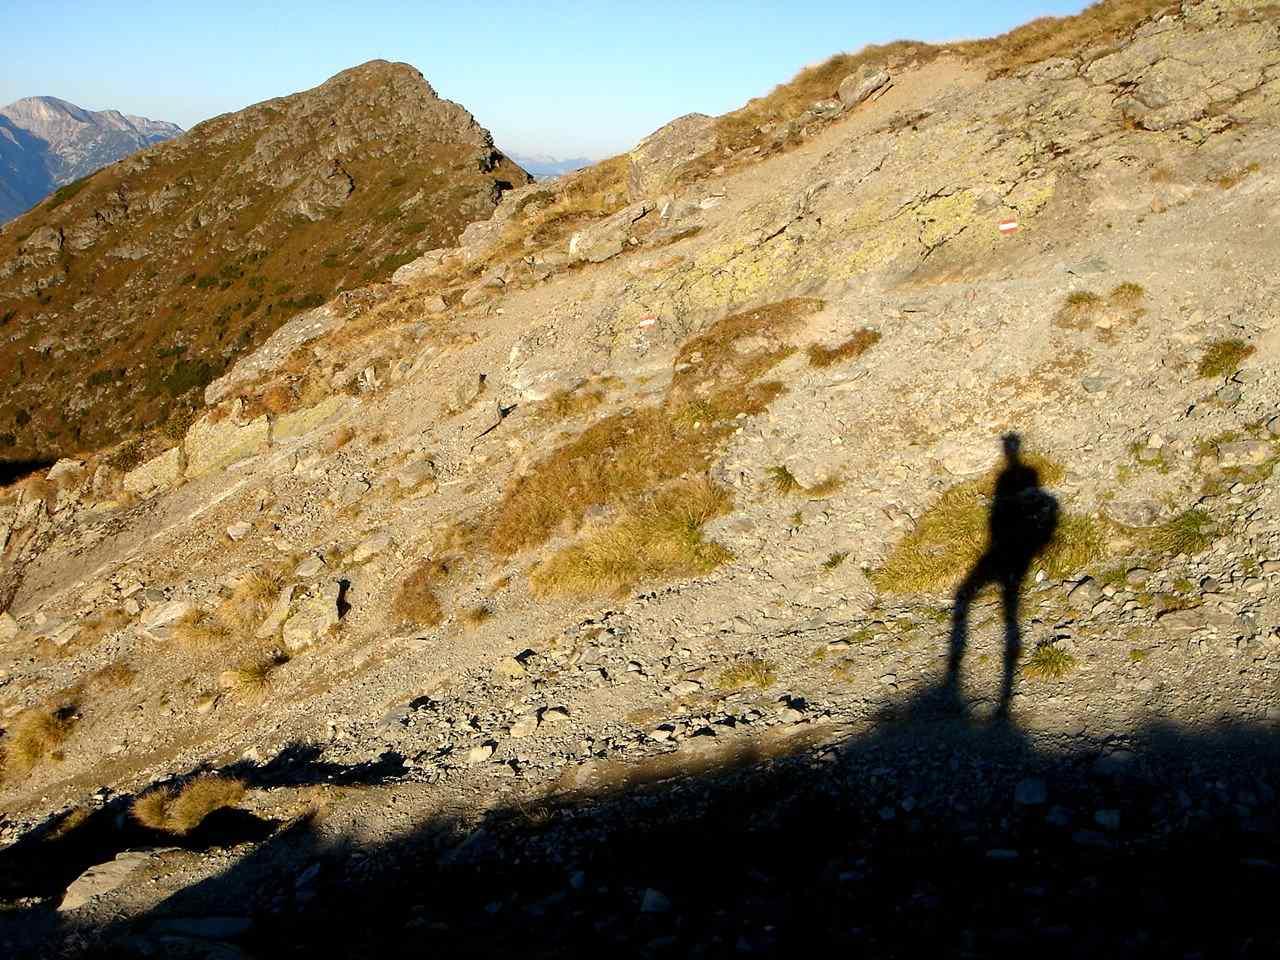 Foto: Manfred Karl / Wander Tour / Gipfelrunde von der Reiteralm auf den Schober (2133m) / Spätnachmittag am Ruppeteck / 19.06.2007 05:55:49